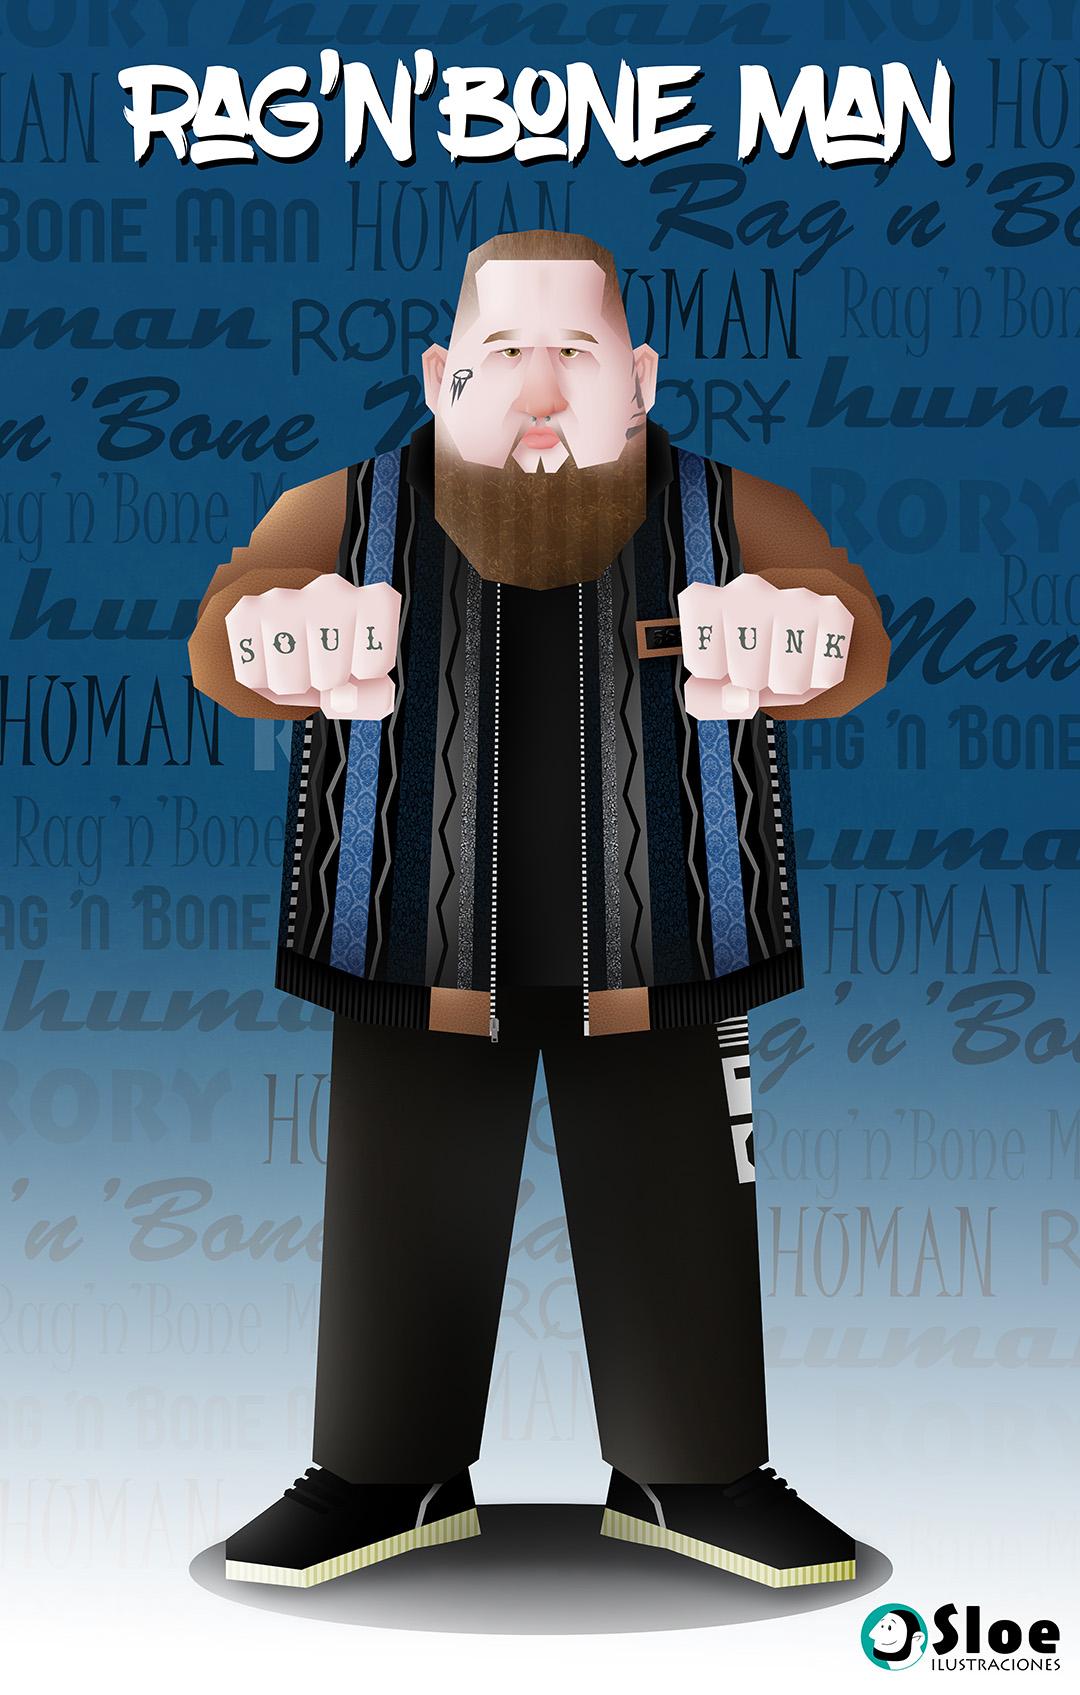 Rag'n'bone man 2018